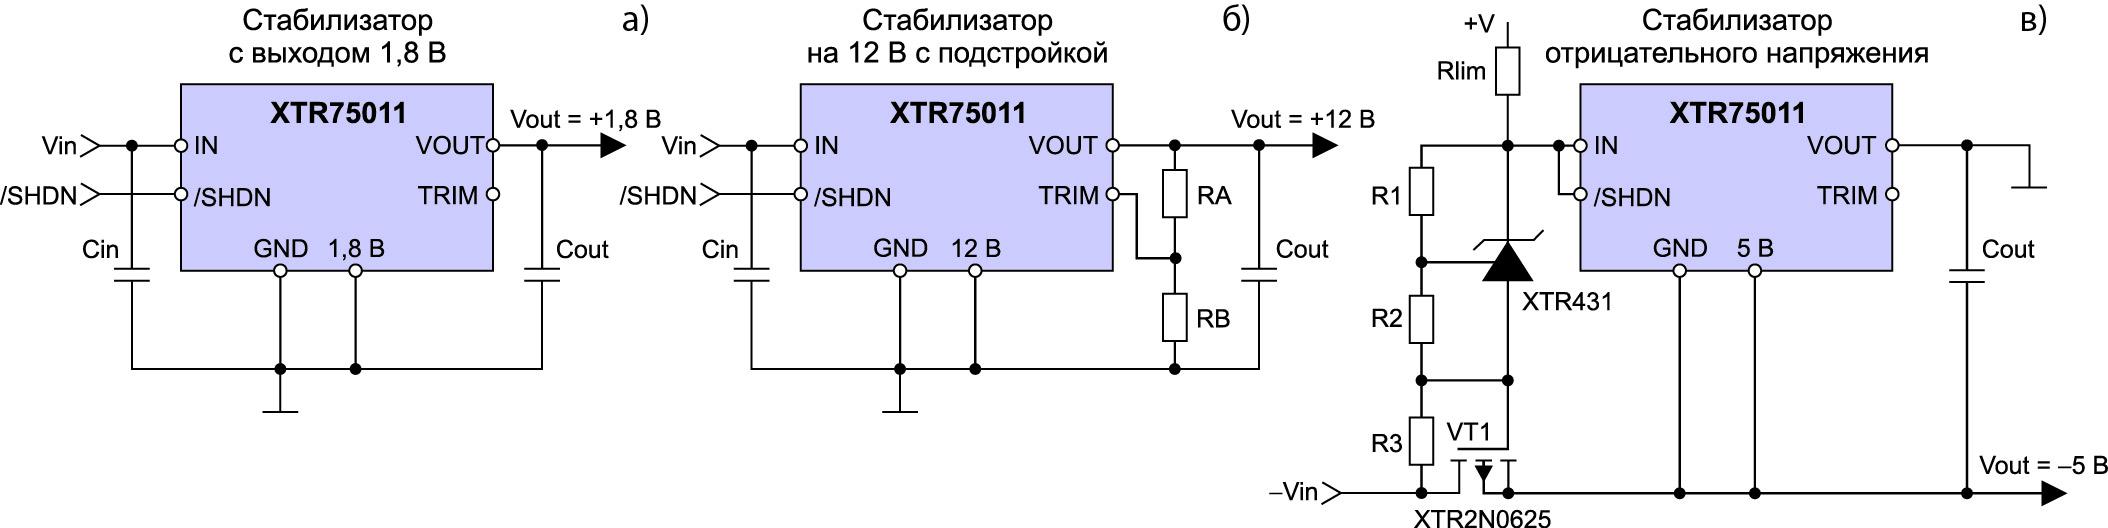 Типовые схемы применения стабилизаторов серии XTR7501х